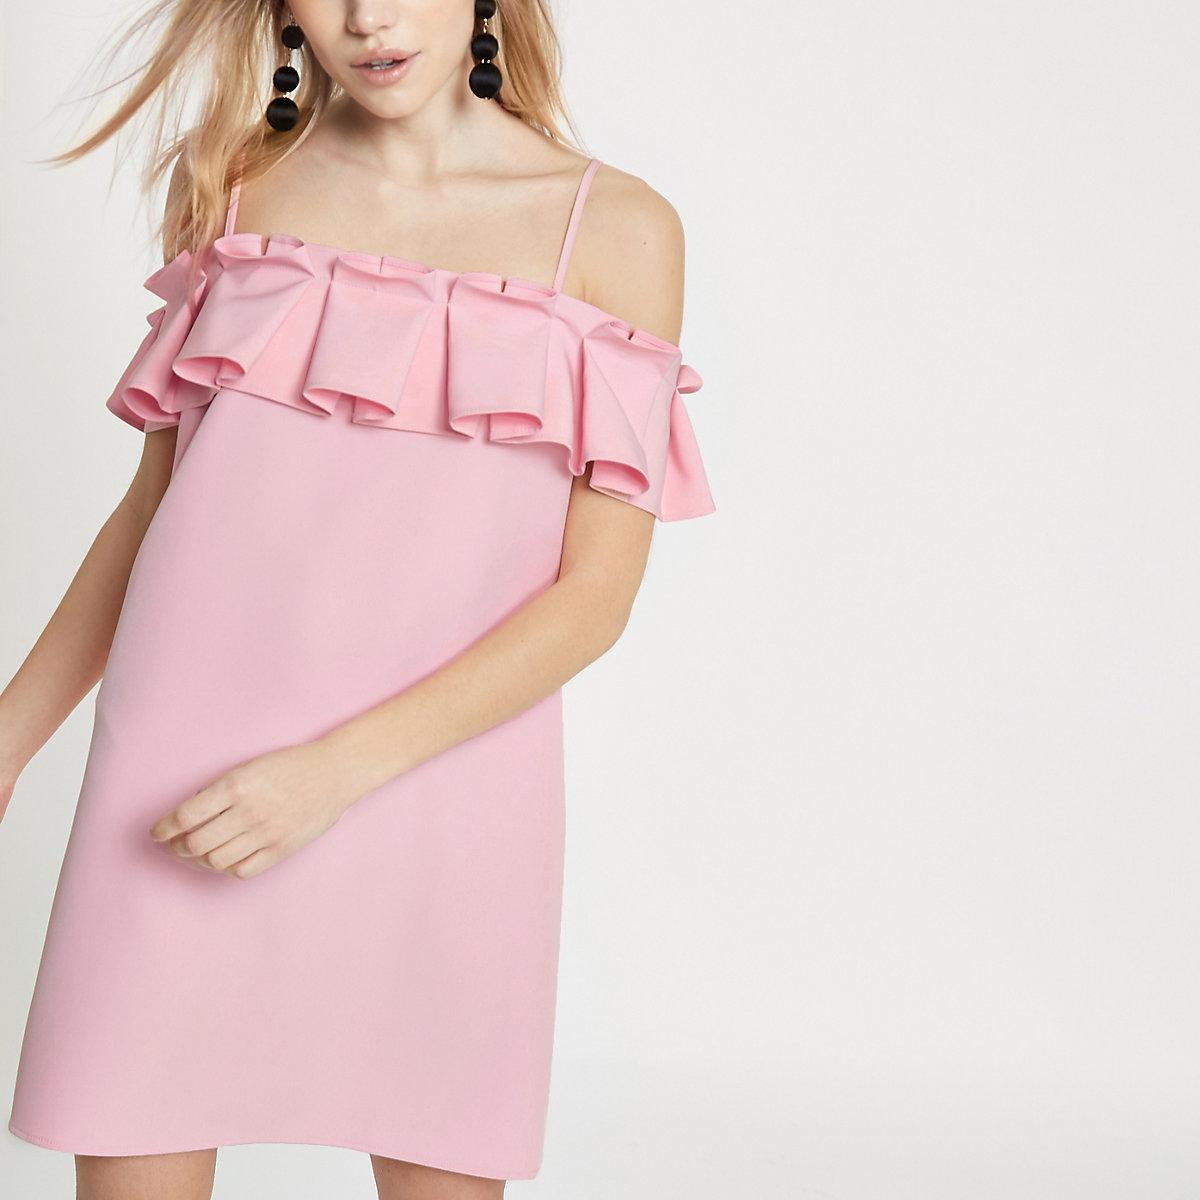 con hombros Slip Petite y Vestido y descubiertos descubiertos de Cami de Pink volantes Mujer hombros HpxxqYPwtB